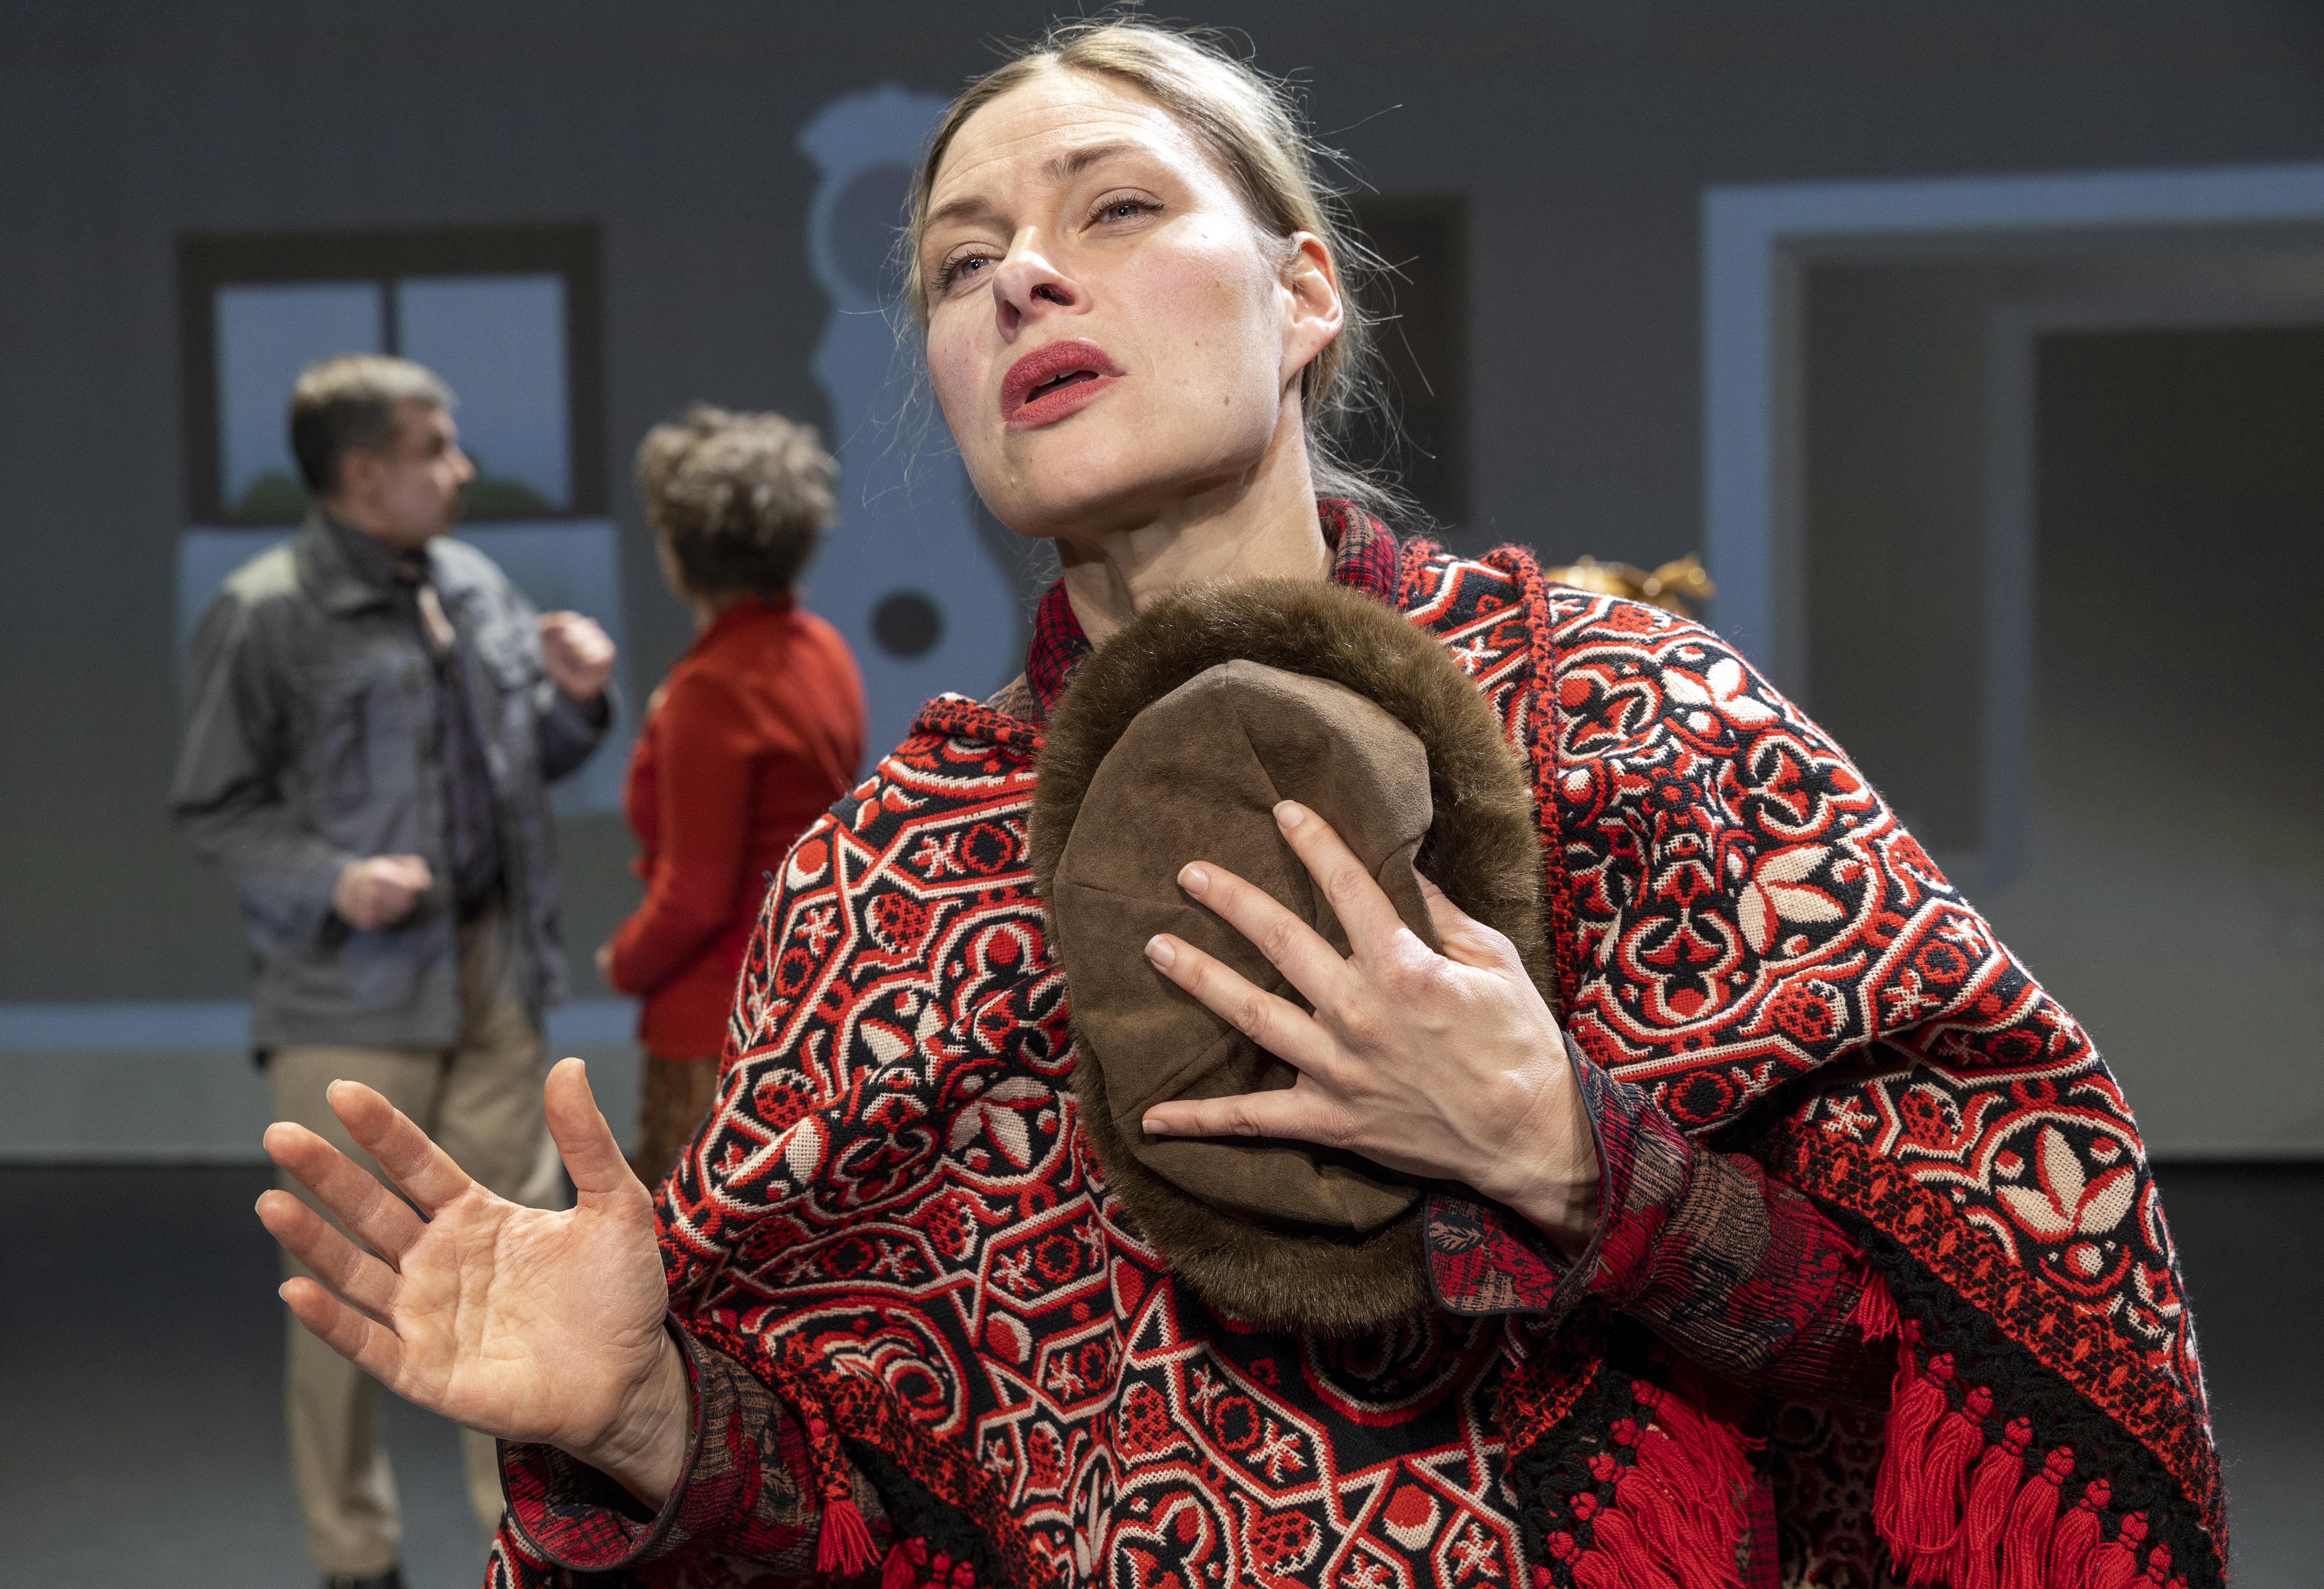 Valokuvassa on nainen jolla on punaisenkirjava poncho ja kädessään karvalakki. Nainen siristää silmiään ja katsoo kaukaisuuteen.